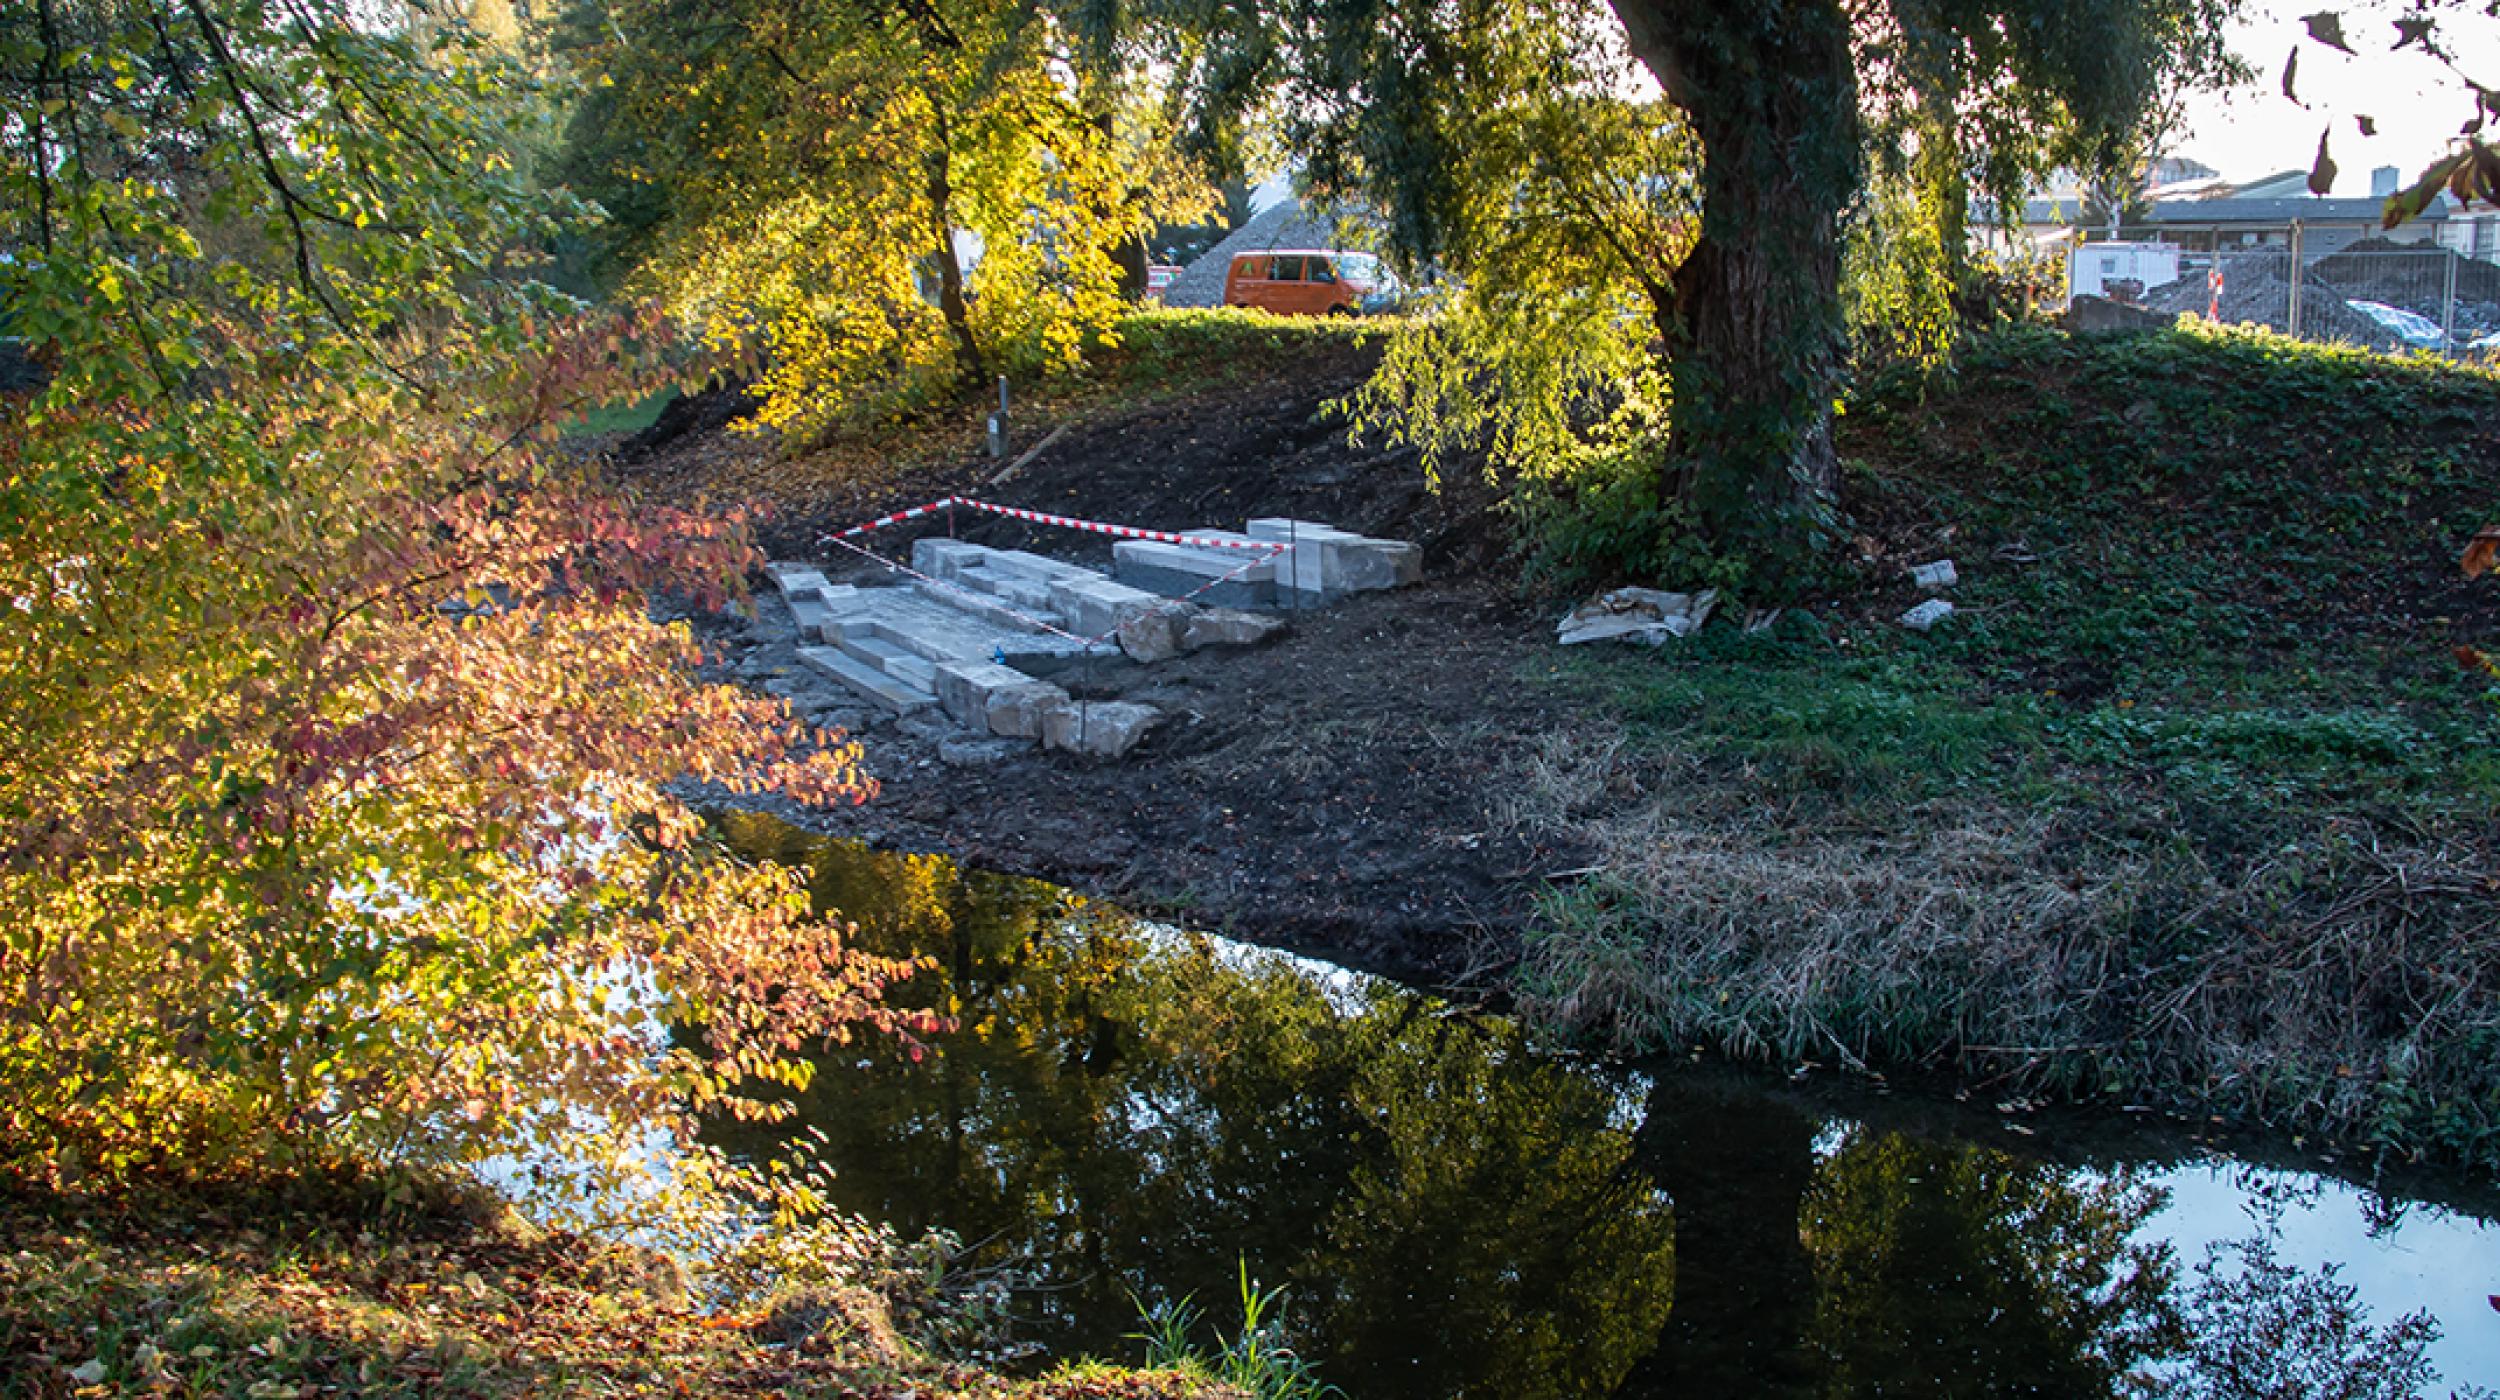 Baustelle von Sitztreppen-Anlage am Fluss Eyach